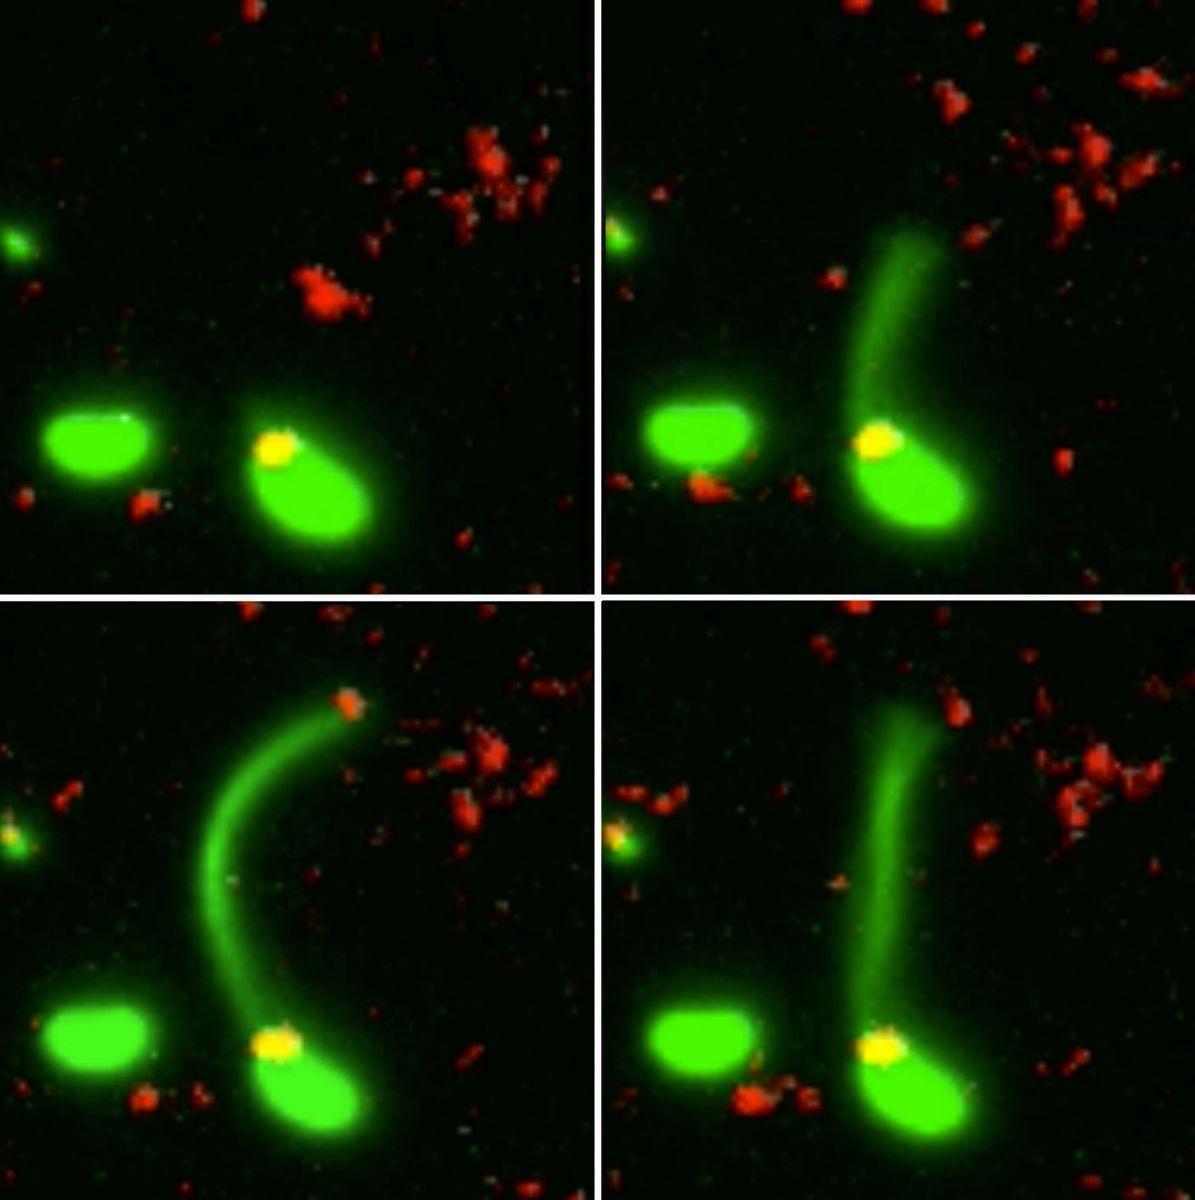 На окремих кадрах видно, як клітина витягає пили і, захопивши фрагмент ДНК, втягує його всередину / фото Ankur Dalia, Indiana University